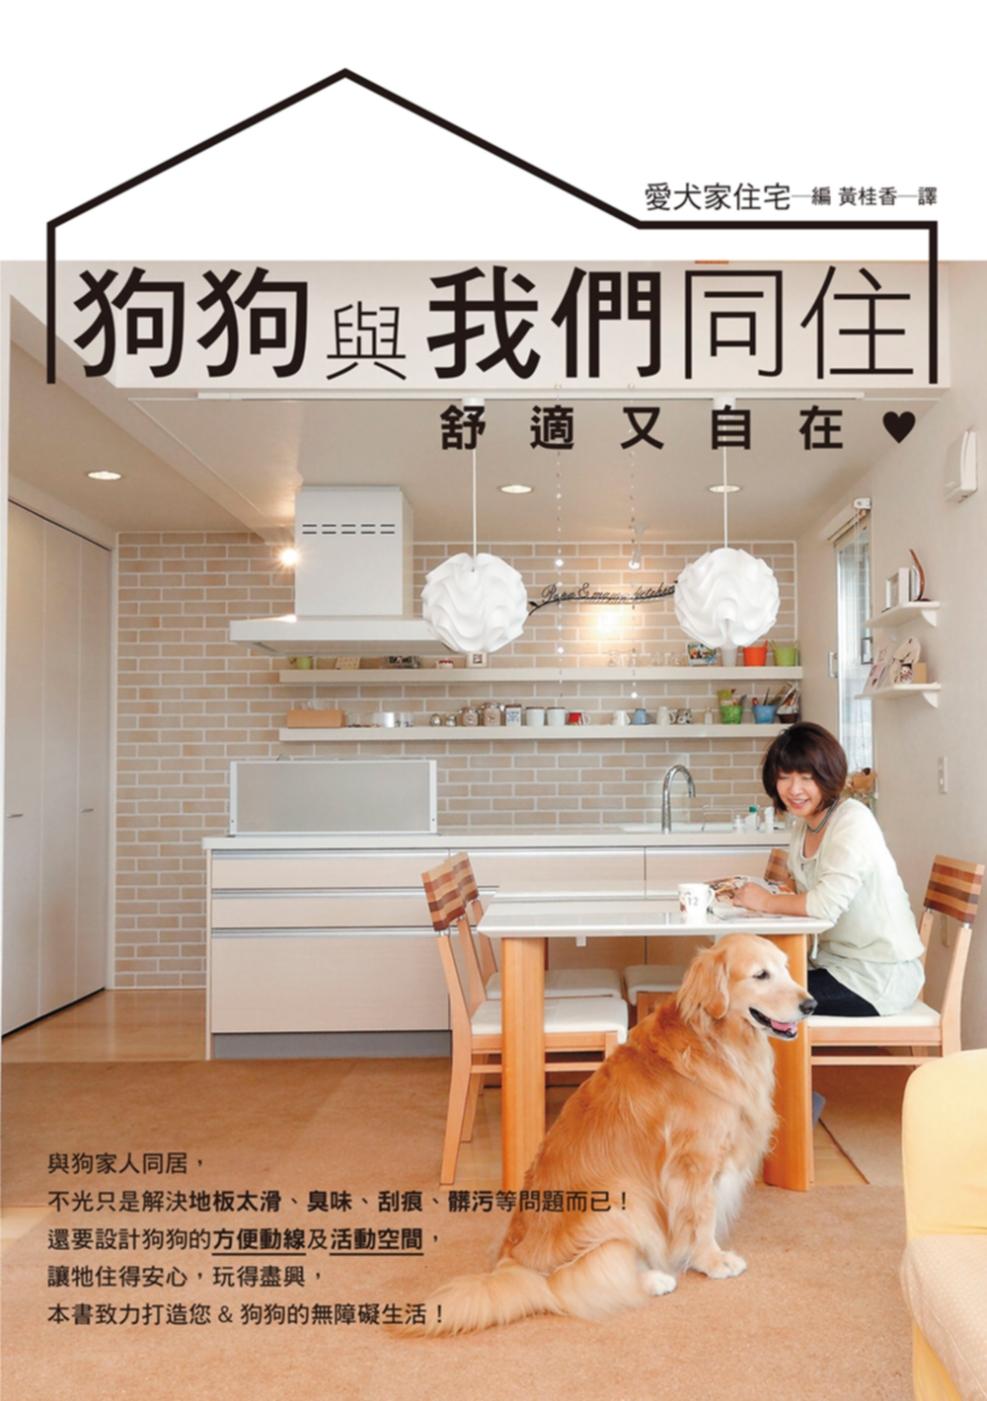 狗狗與我們同住,舒適又自在:規劃安全動線與整潔環境,提昇人狗同居的生活品質。